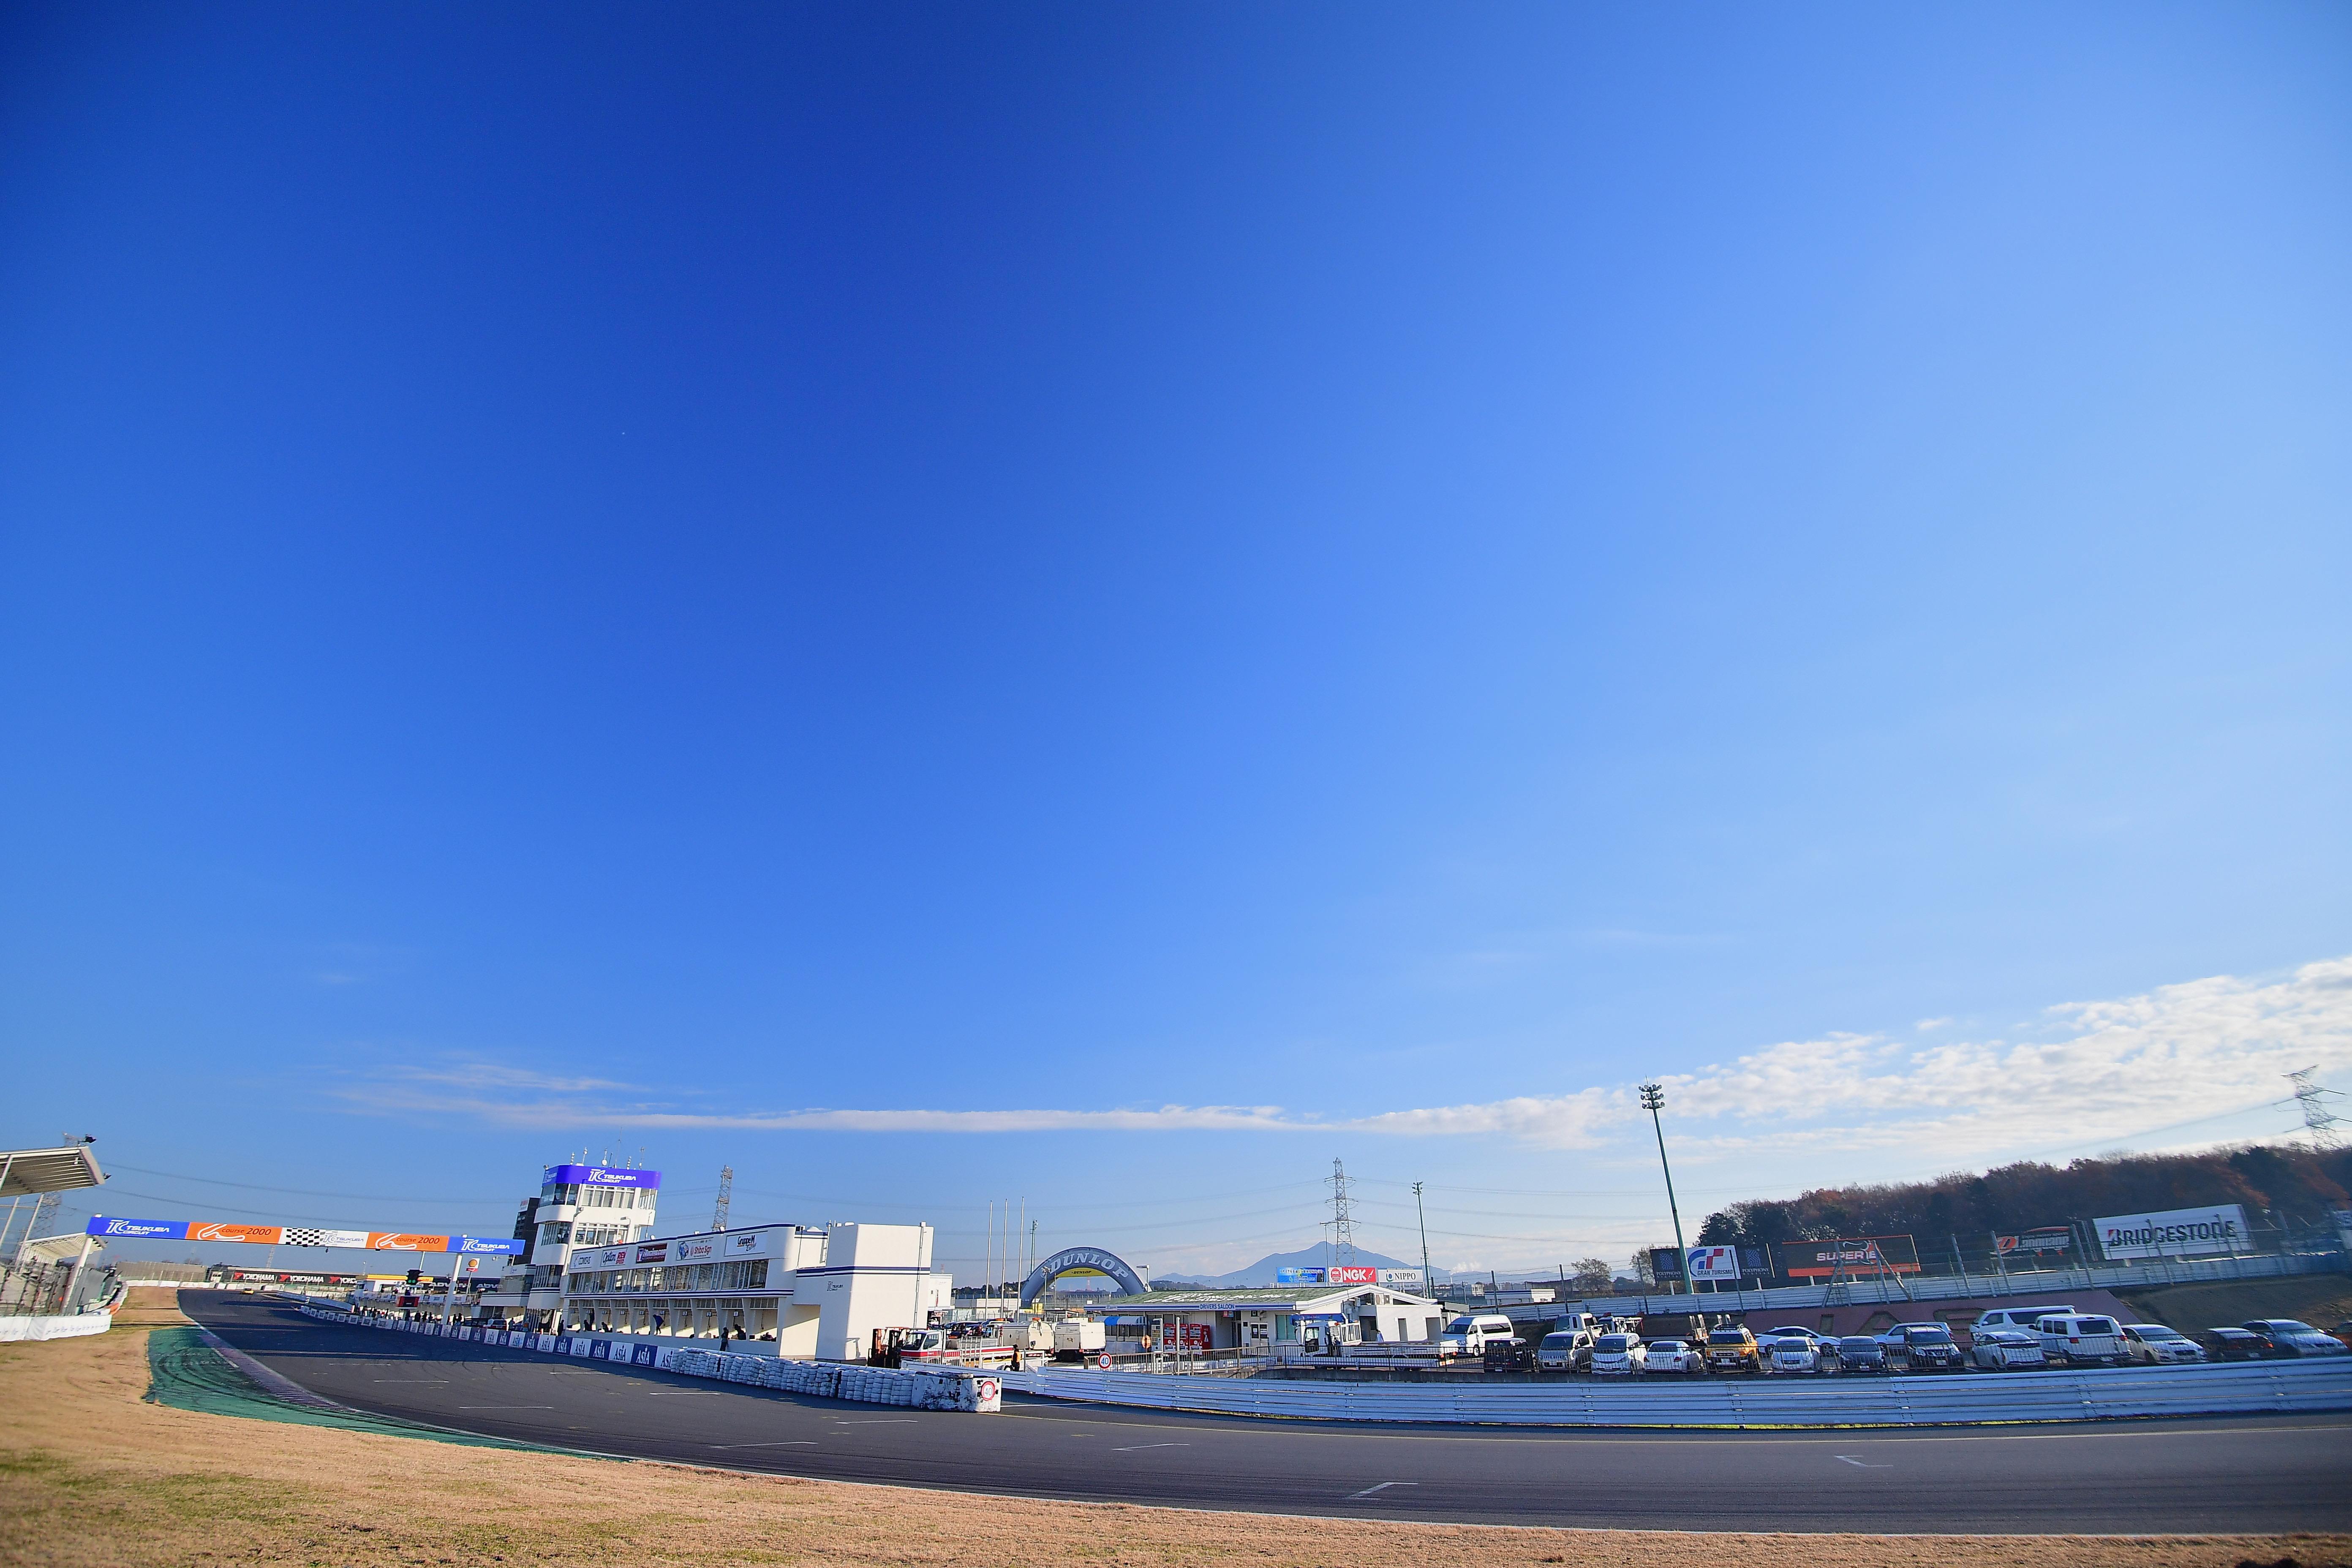 【日程変更】この冬、「レブスピード筑波スーパーバトル」は2回開催!(12/11と1/23)